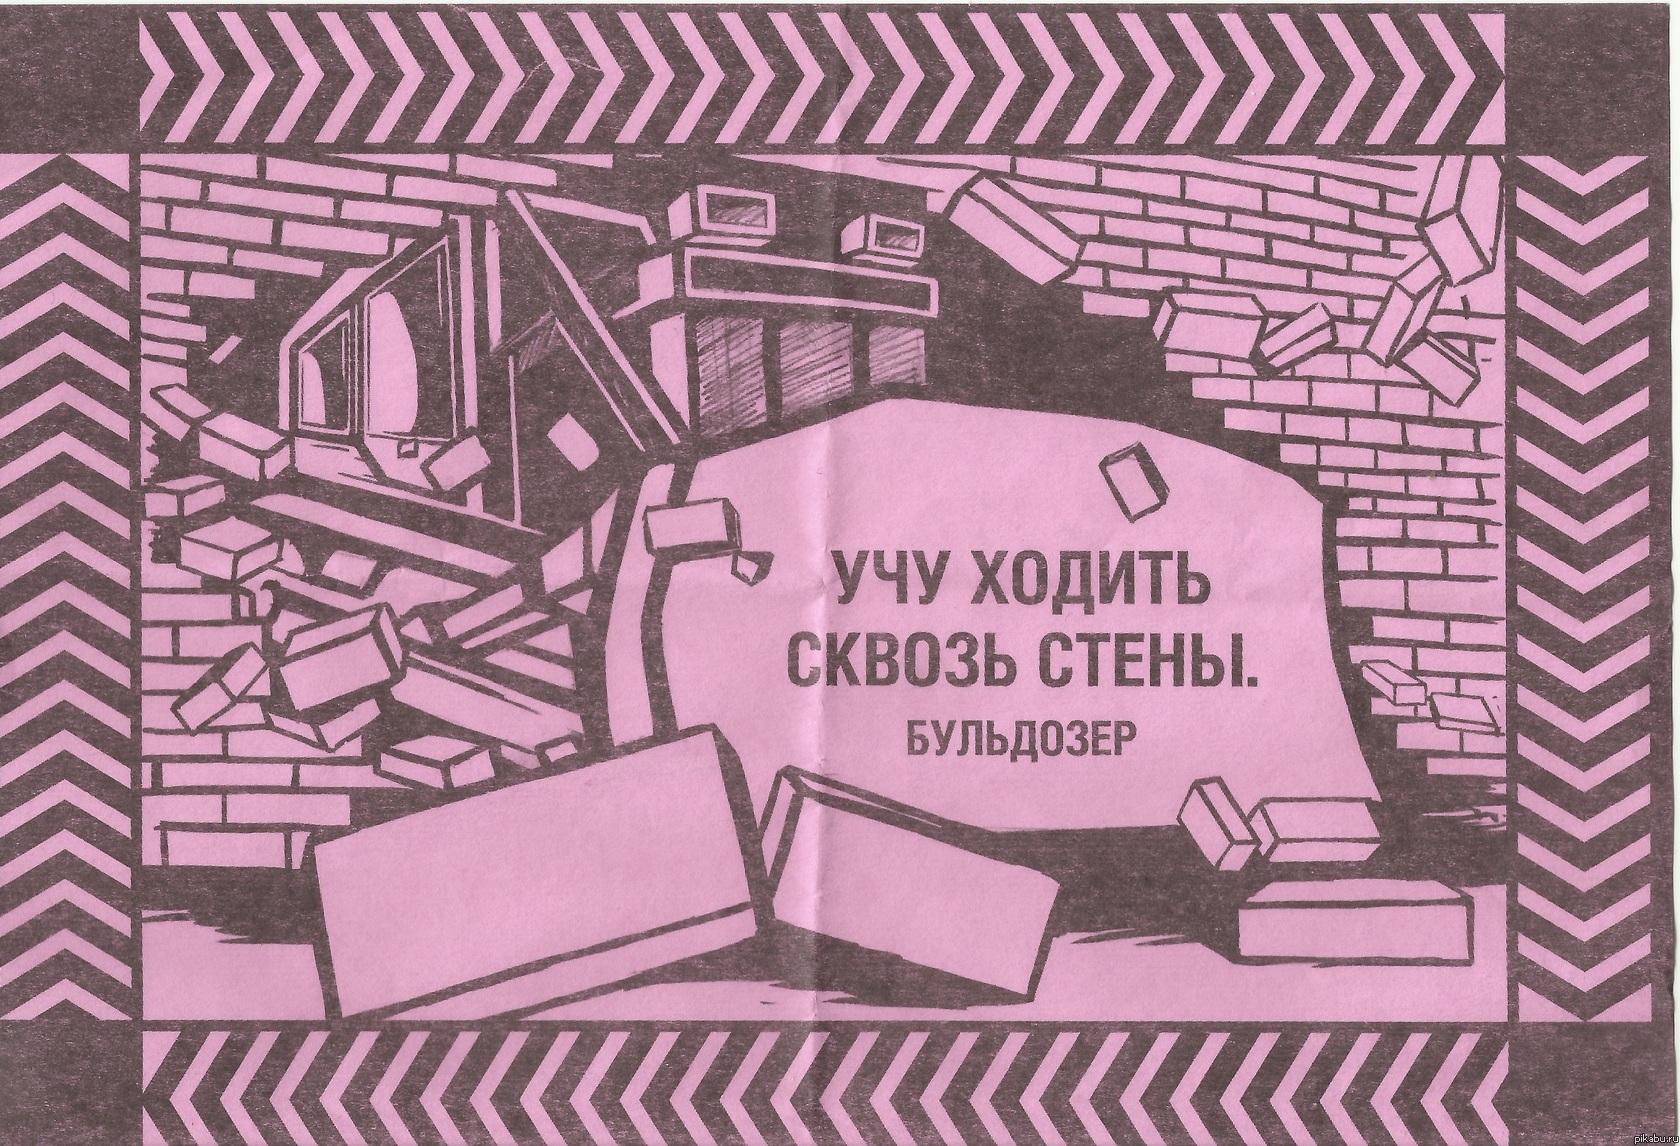 Розовое нечто Этим была обклеена одна из остановок в городе Самаре на проспекте Кирова. Может кто знает к чему это все было?